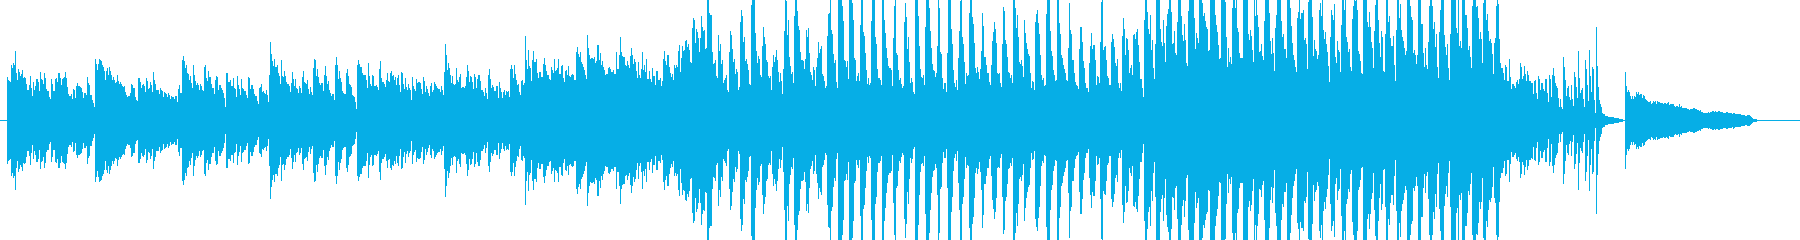 わくわくする前向きなピアノとストリングスの再生済みの波形